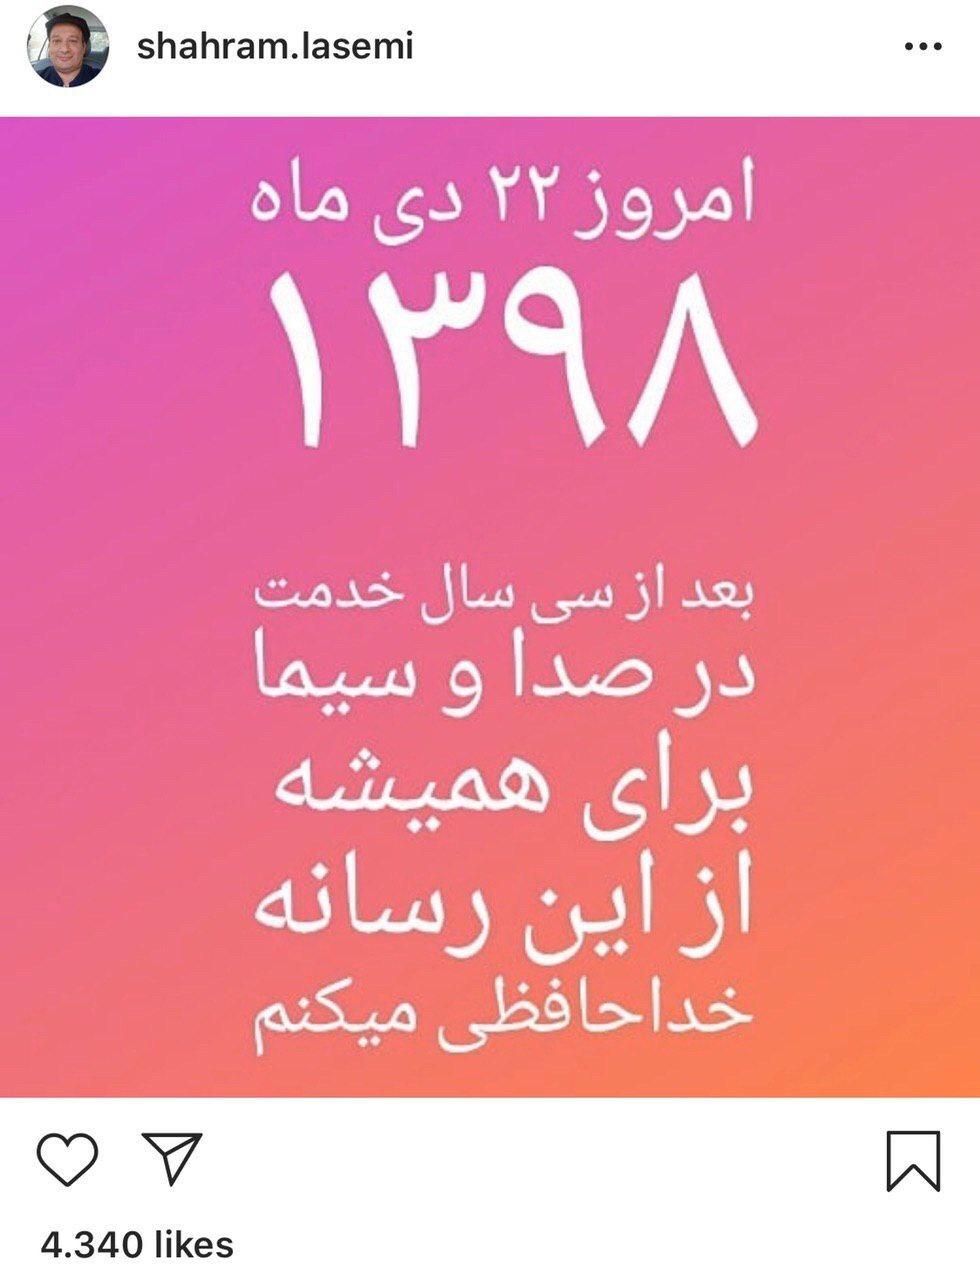 شهرام لاسمی